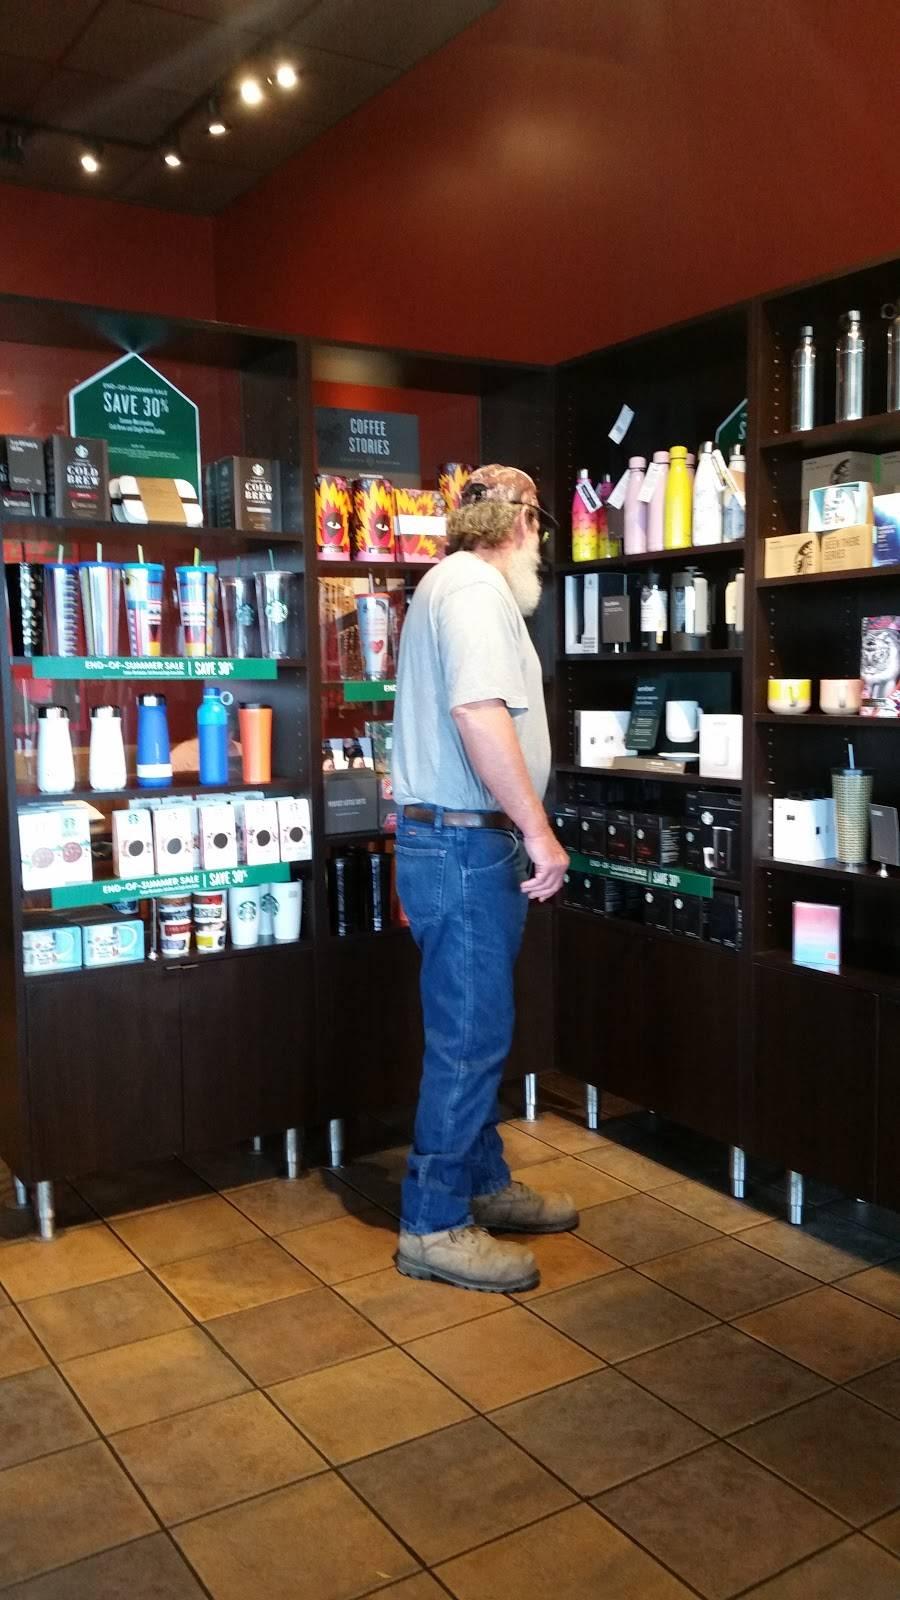 Starbucks | cafe | 5255 IL-251, Peru, IL 61354, USA | 8152201199 OR +1 815-220-1199